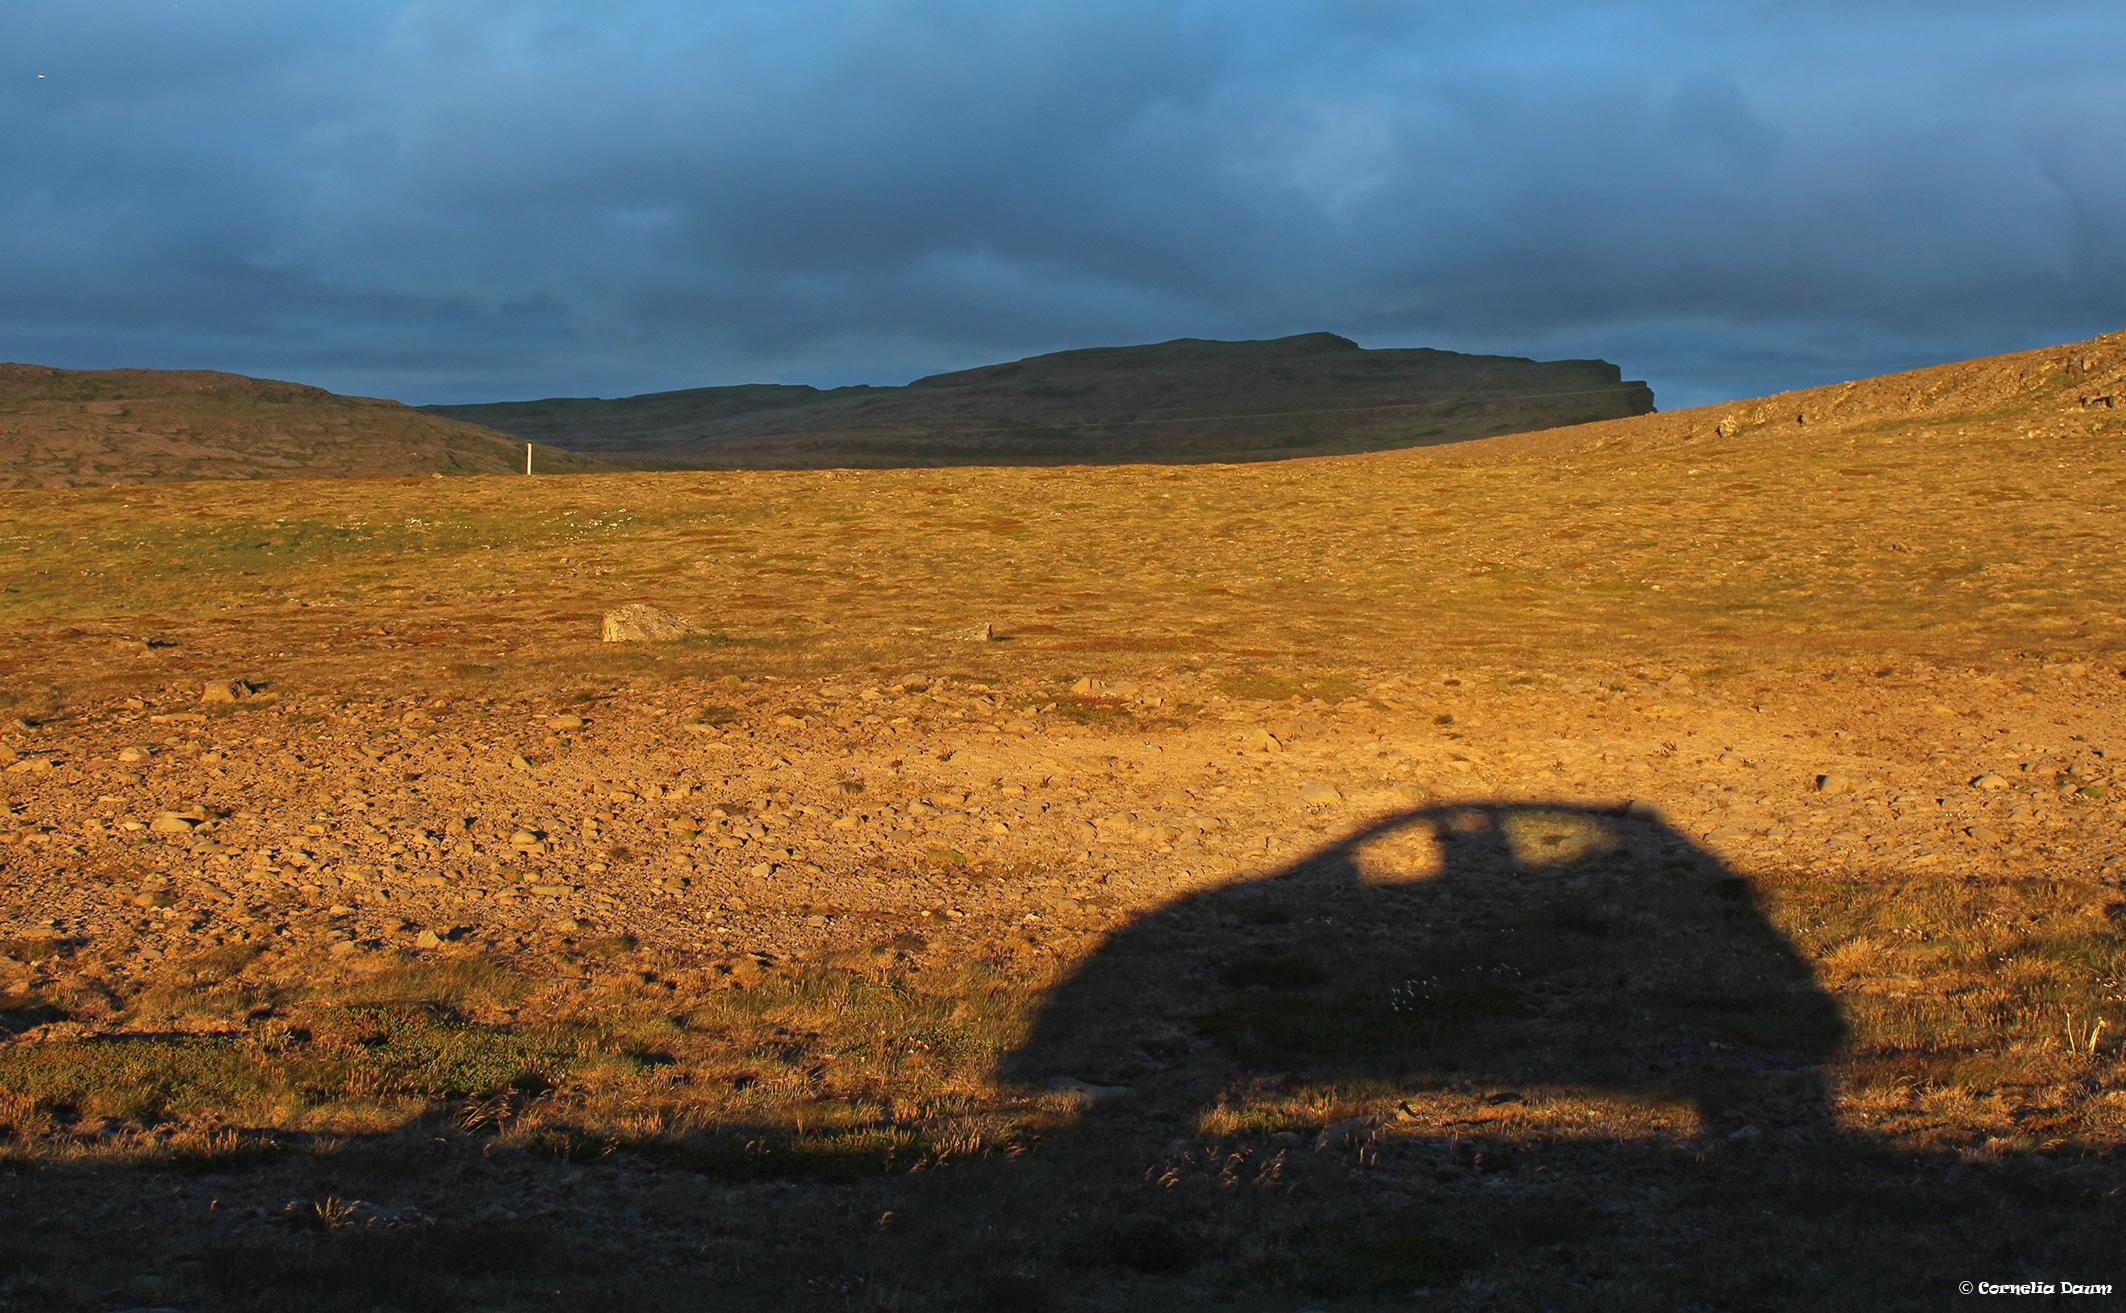 Samodzielne wycieczki objazdowe po Islandii pozwalają Ci zwiedzać wyspę dokładnie tak jak chcesz.